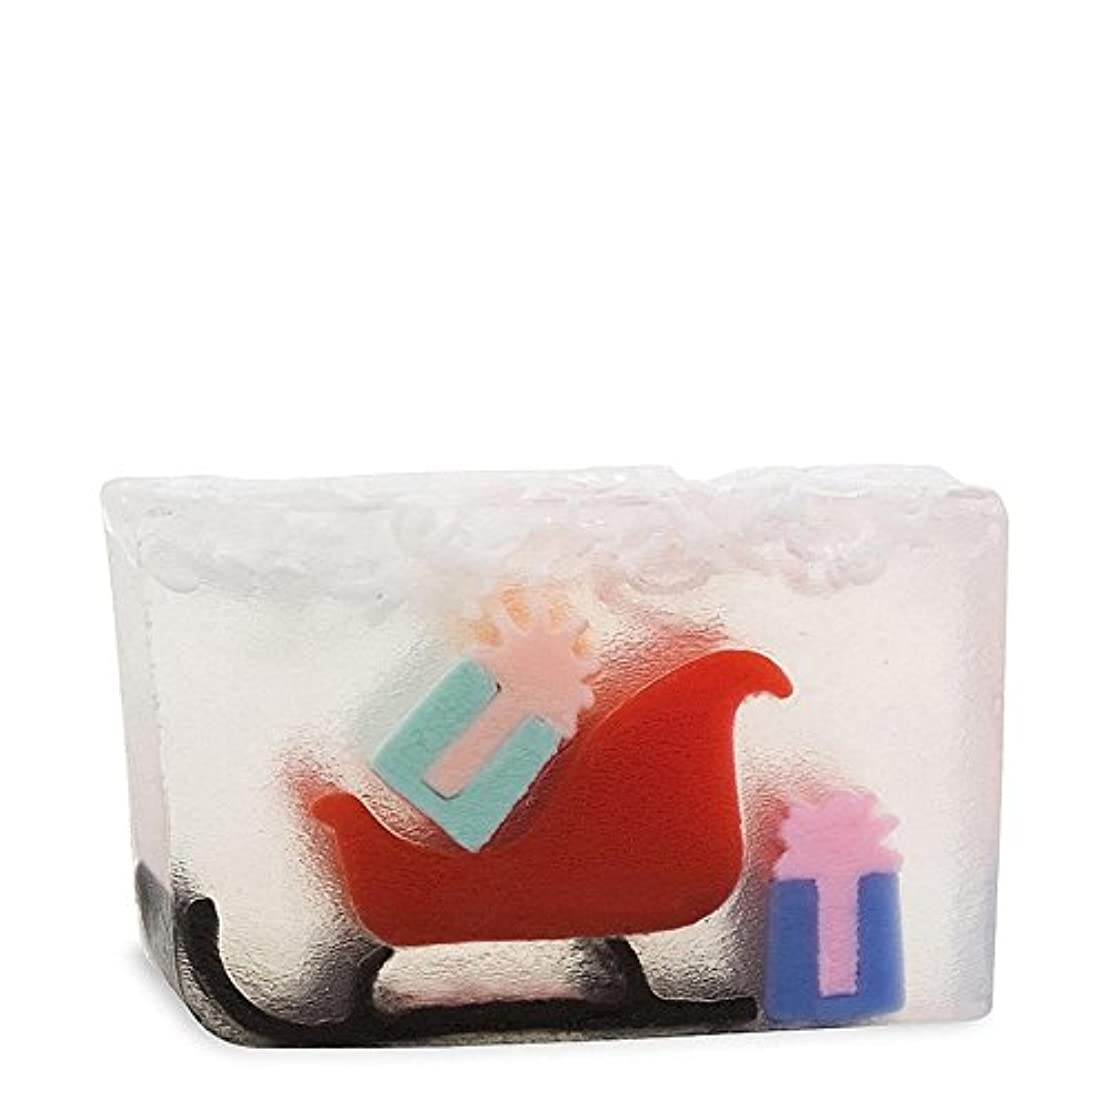 細い繰り返したカリング原始要素のサンタのそり x2 - Primal Elements Santas Sleigh (Pack of 2) [並行輸入品]